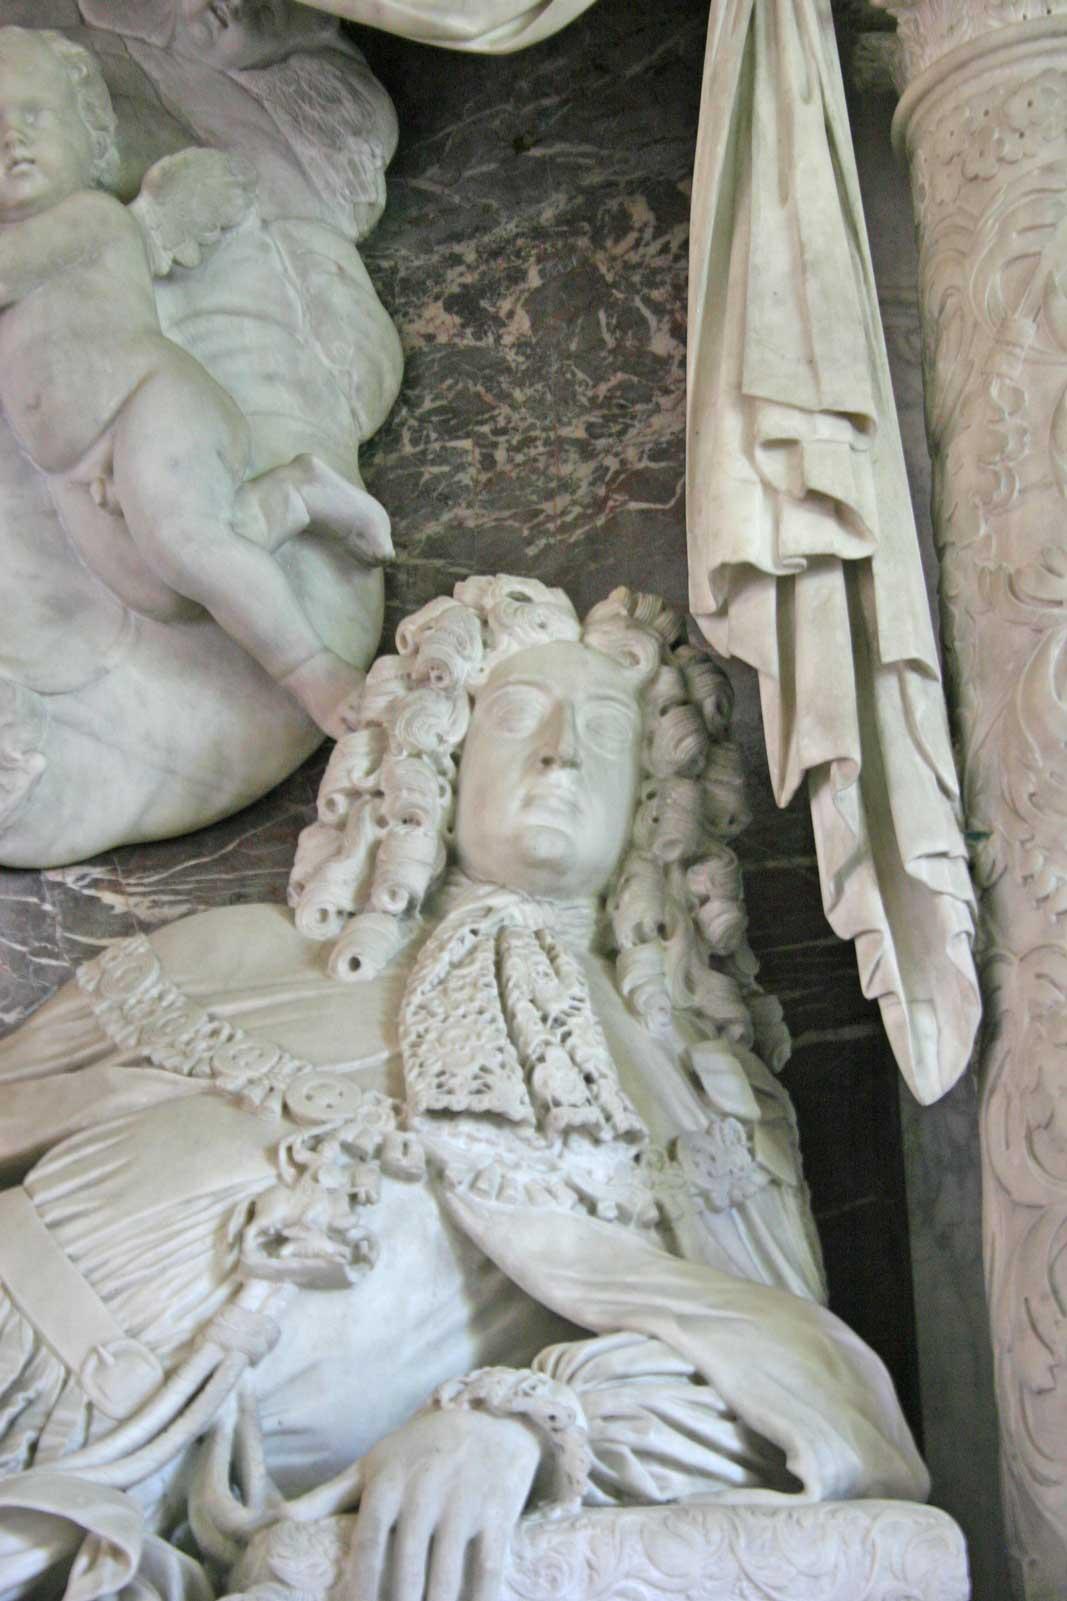 Effigy of The 1st Duke of Beaufort